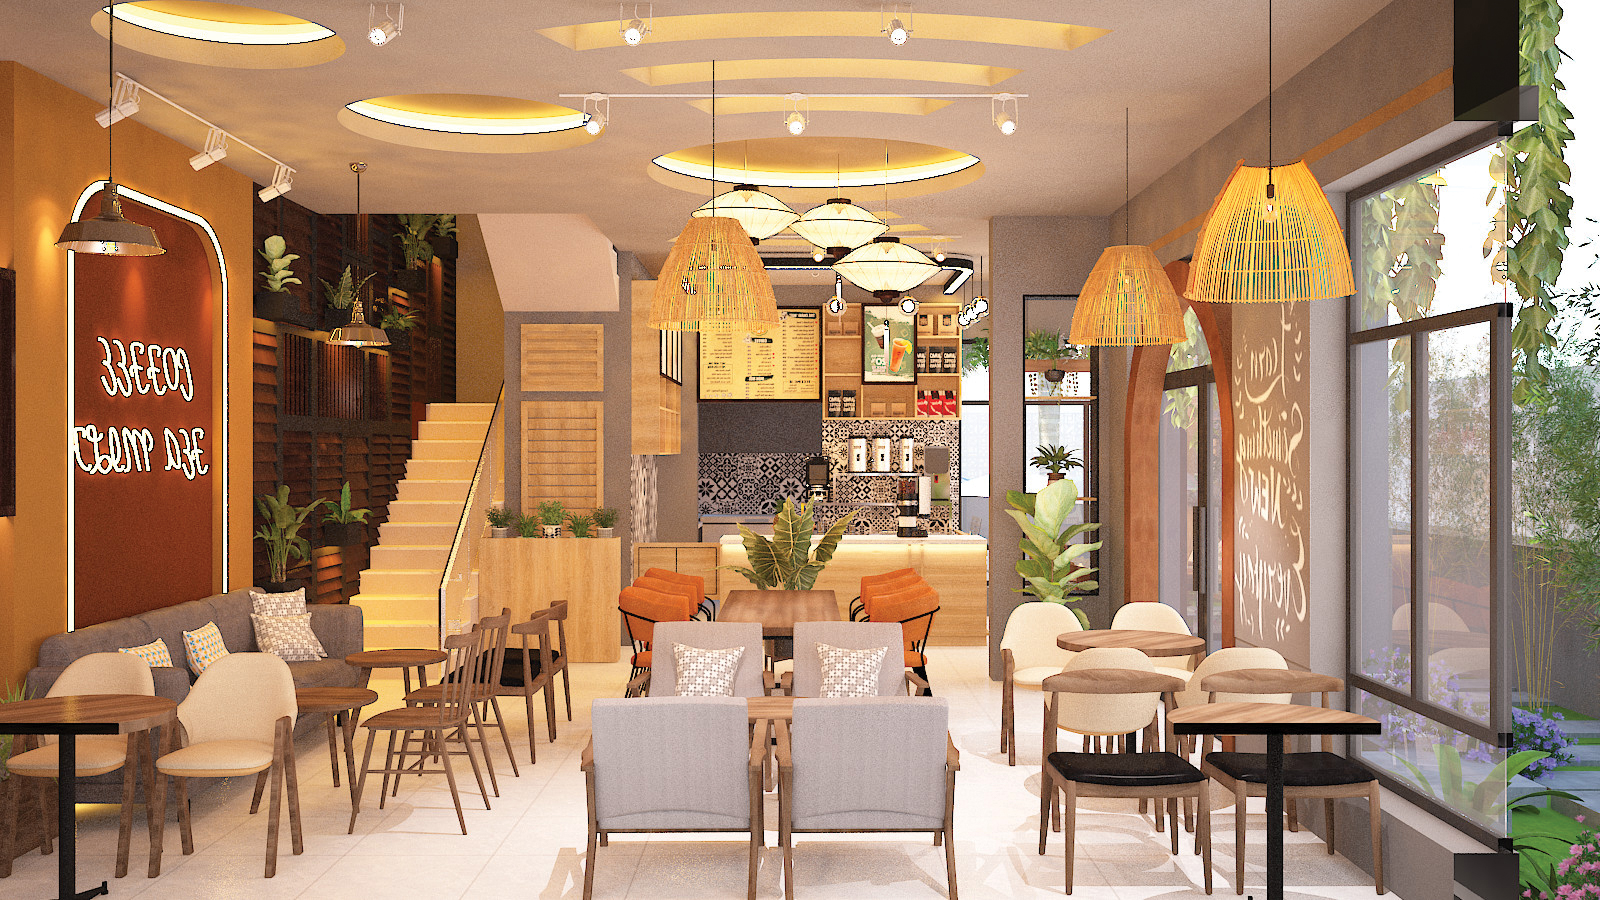 bàn ghế trong quán cafe